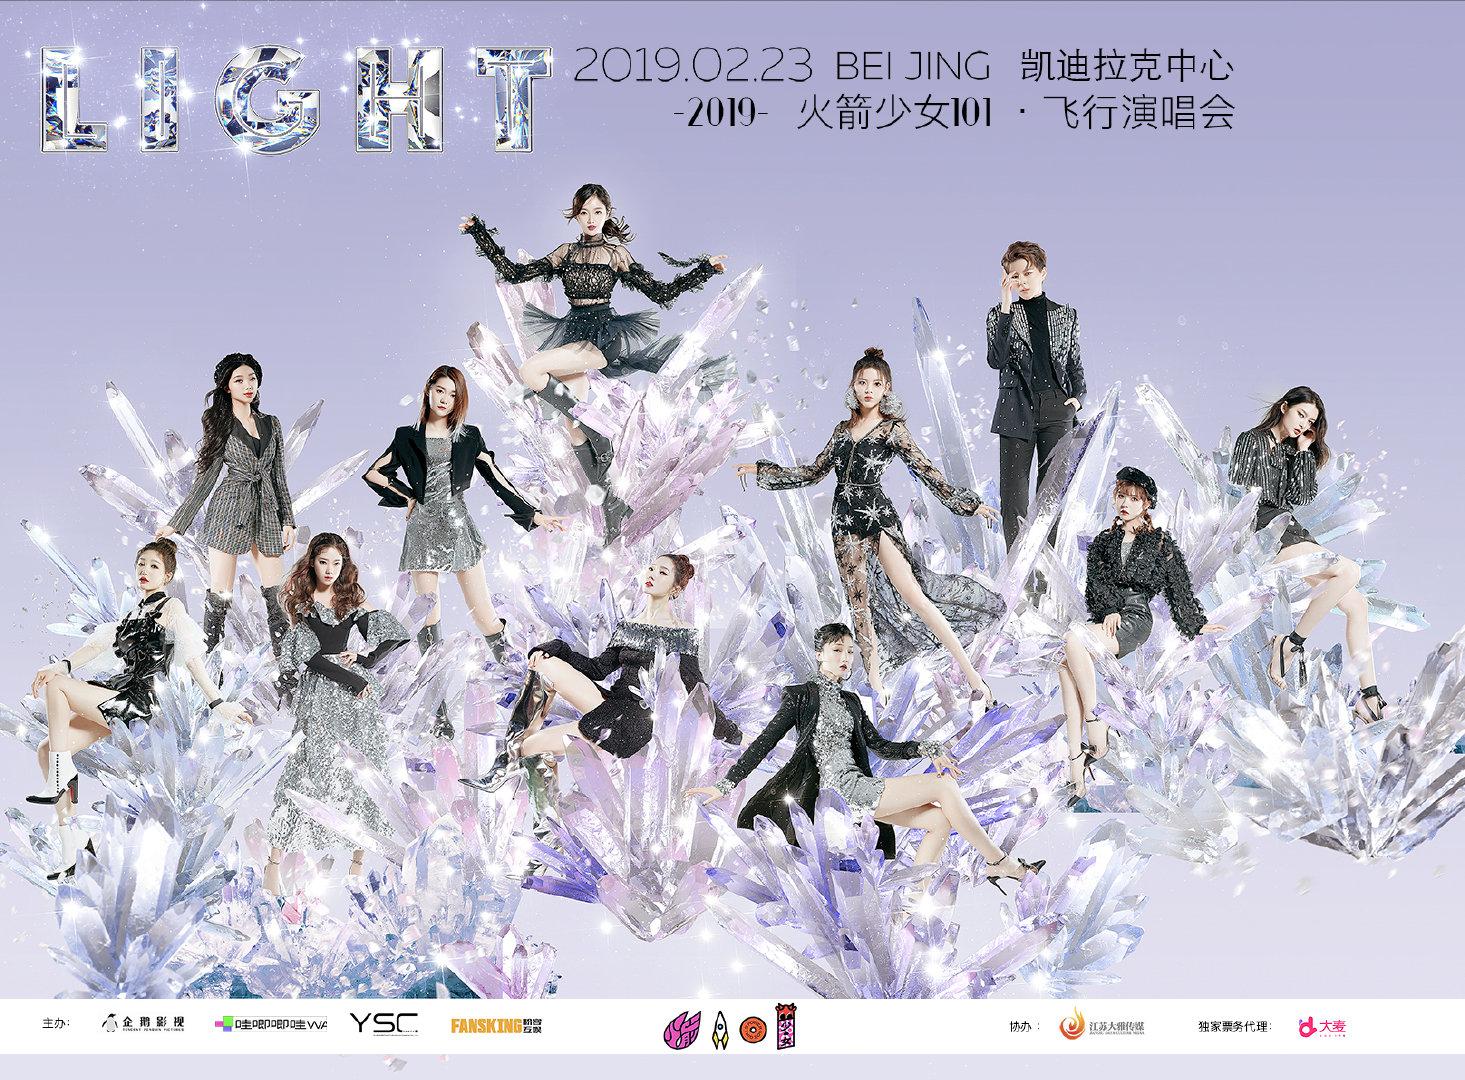 火箭少女101_[消息]火箭少女101light·演唱会2月23日北京站门票明日开售